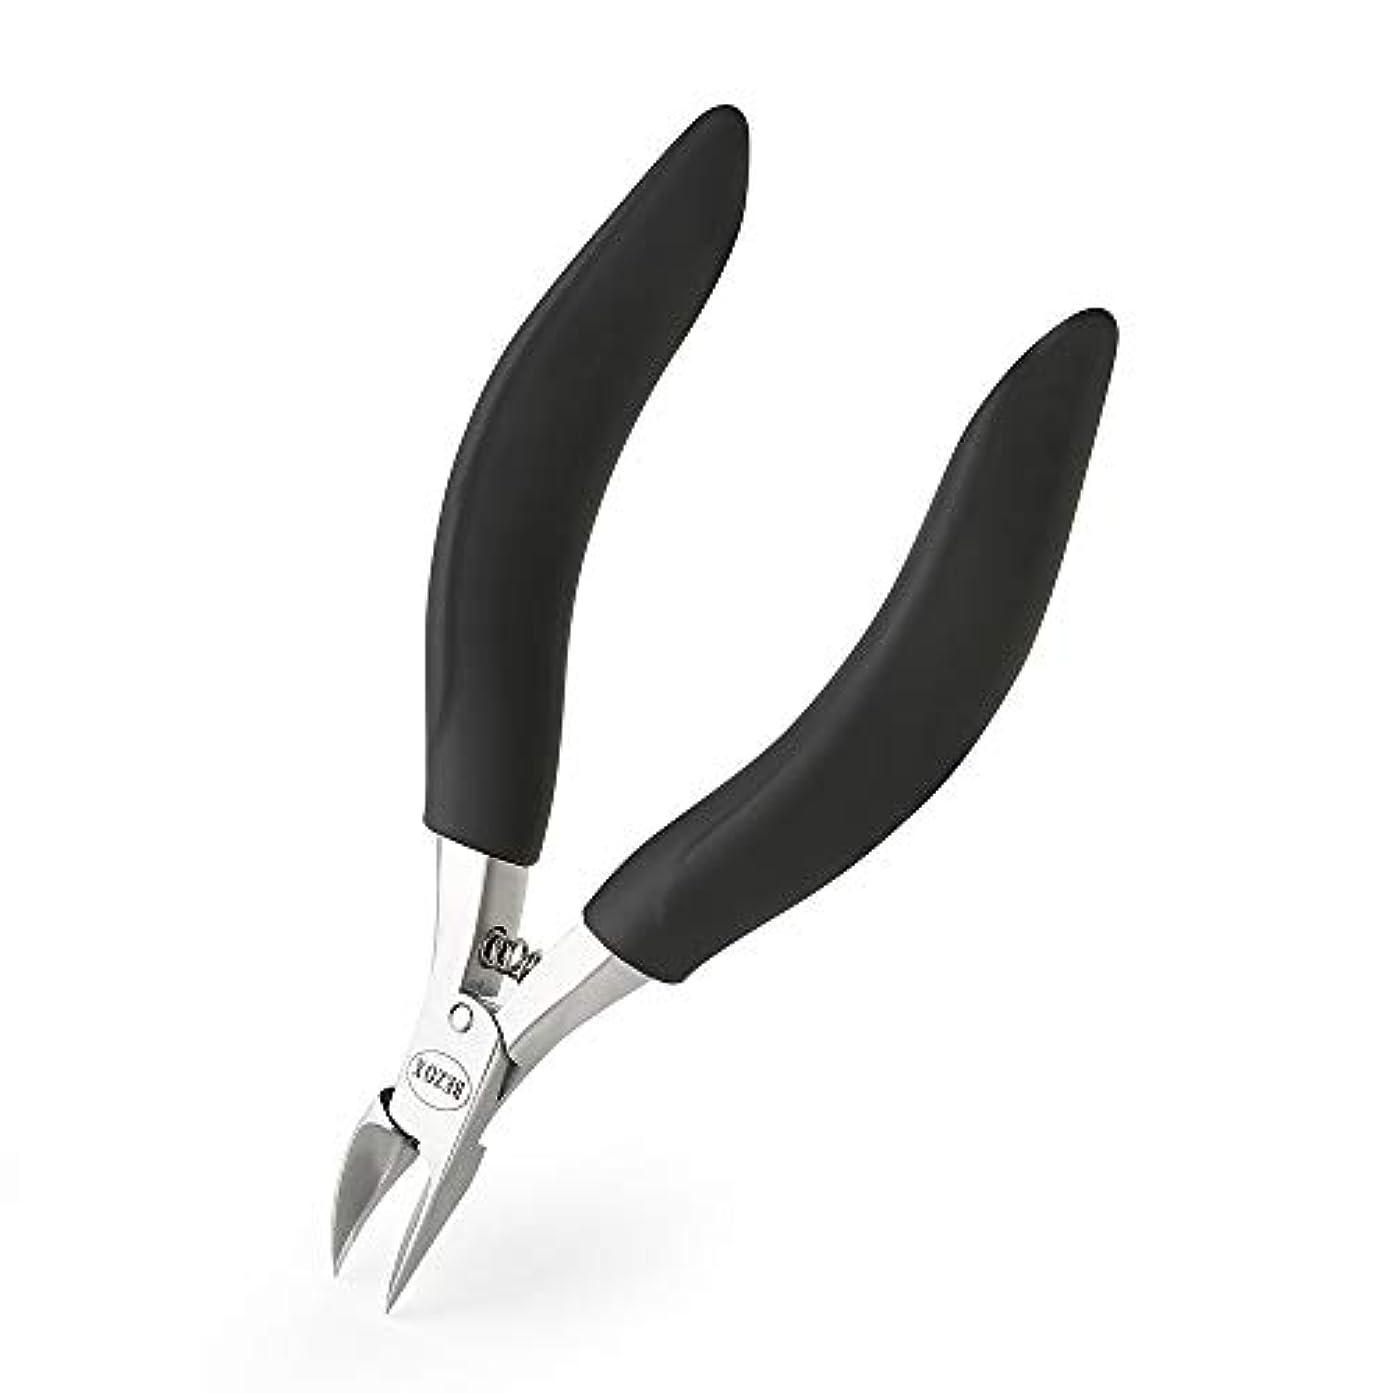 周り贈り物ねばねばBEZOX 爪切り- 厚い爪や陥入爪用の足爪用 - 持ち手部分が長く、丈夫な爪切り- 医療用ステンレススチール使用 – 金属製専用保管ケース付き (ブラック)